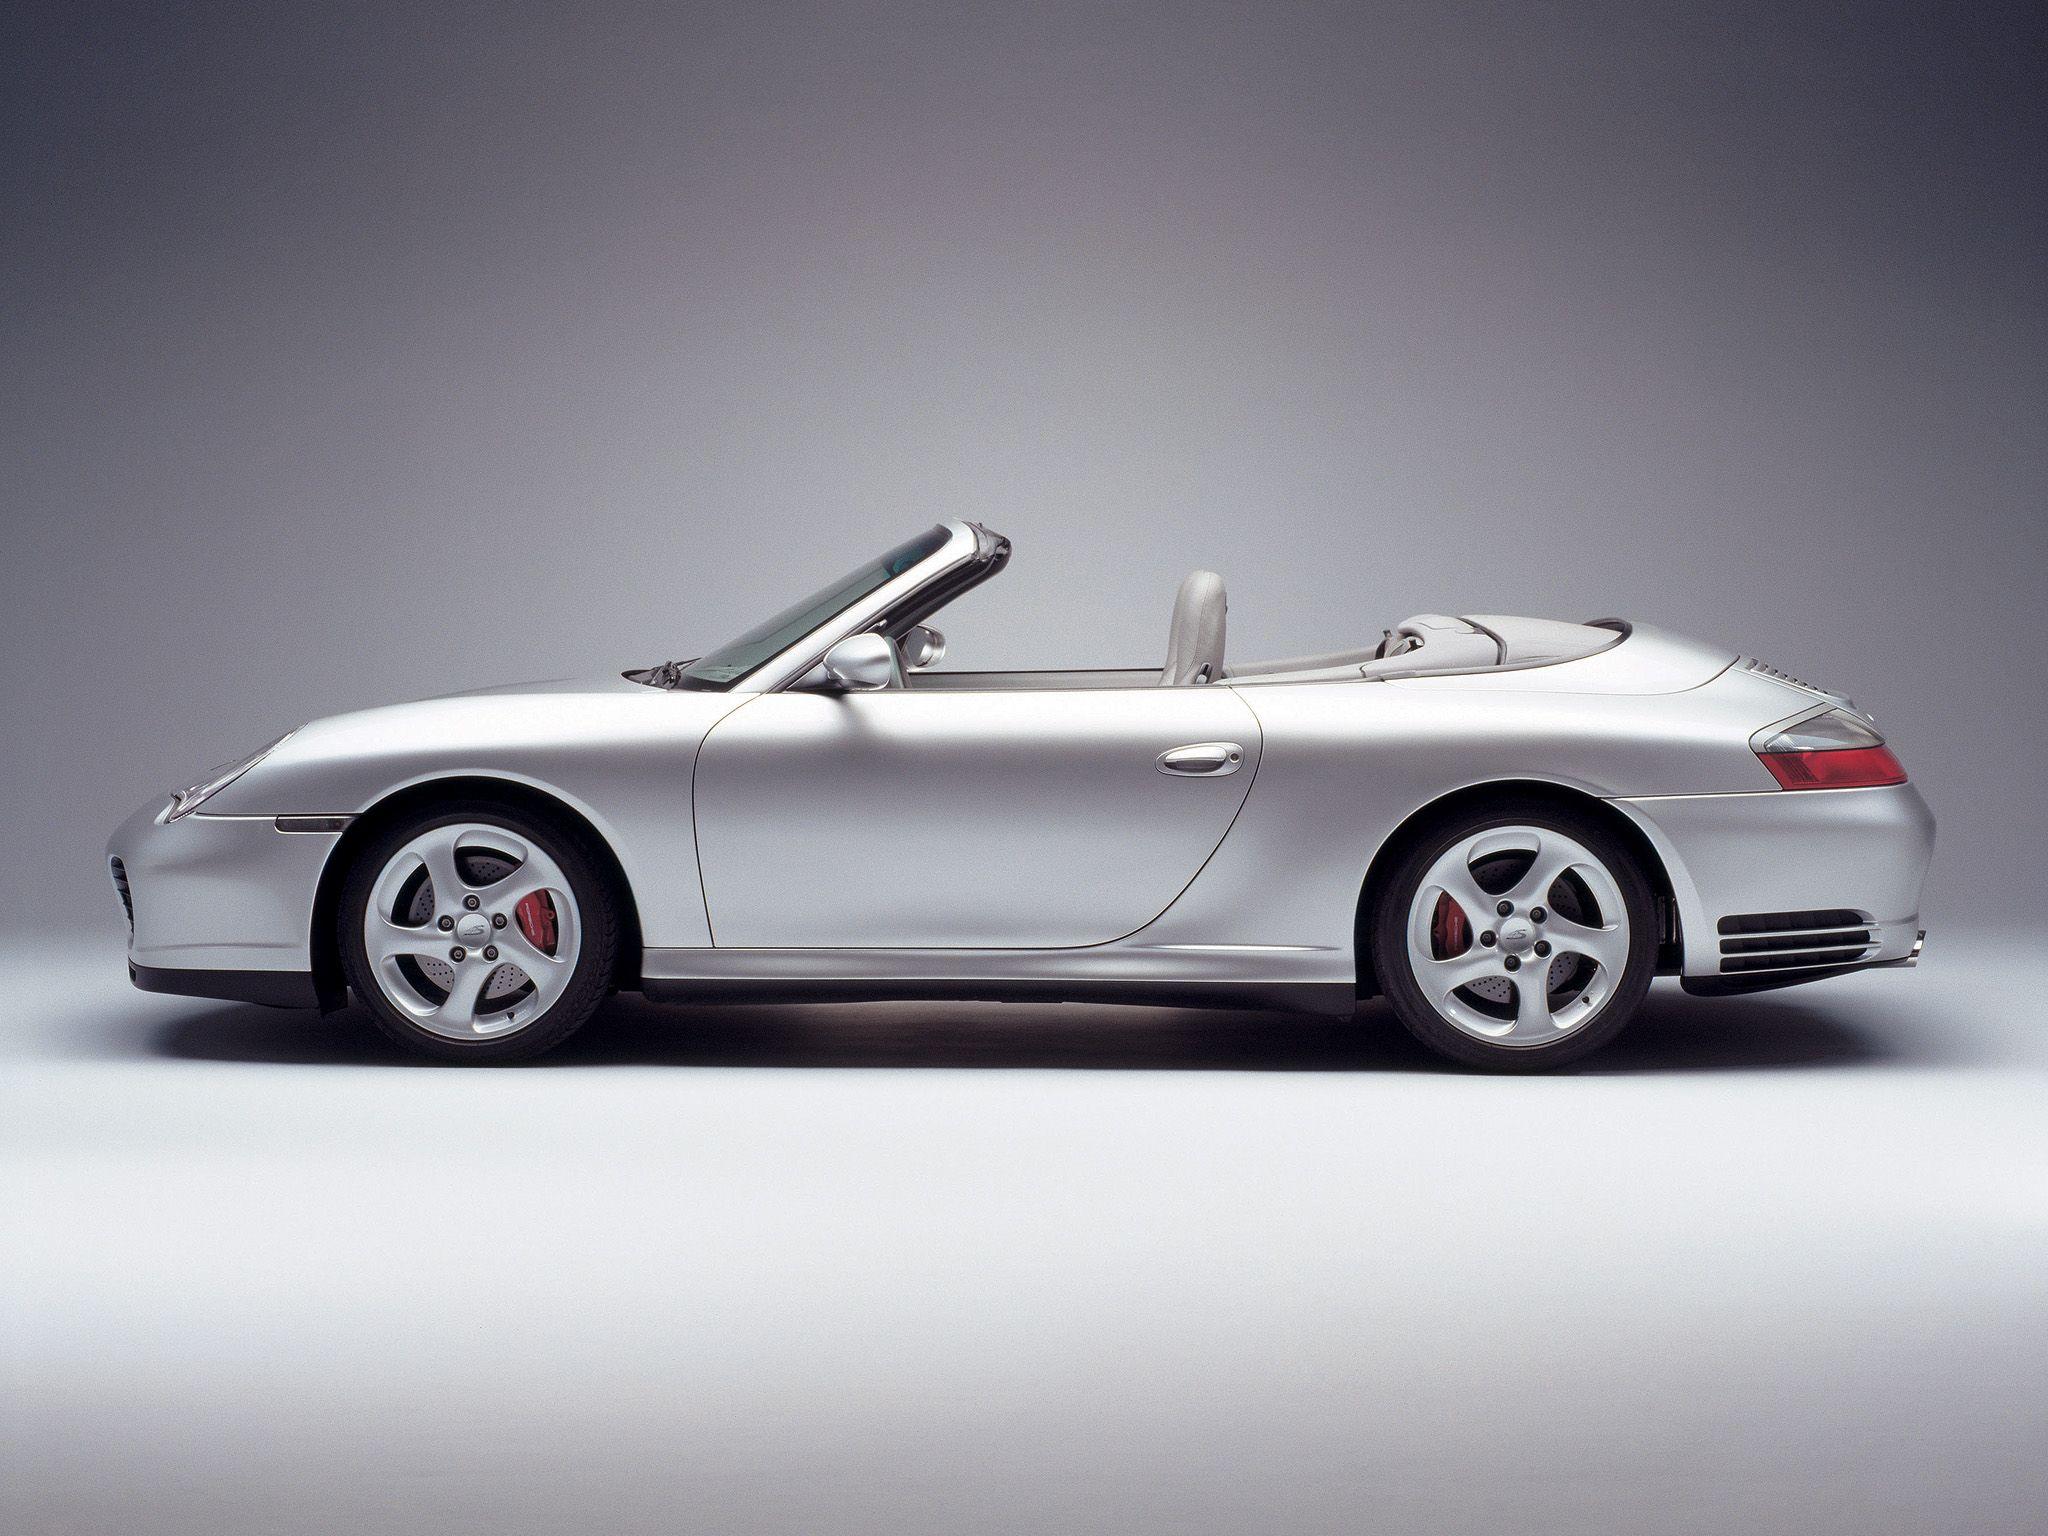 eb74e450fb16ec8abda8fbde85f5be78 Terrific 2002 Porsche 911 Carrera Turbo Gt2 X50 Cars Trend